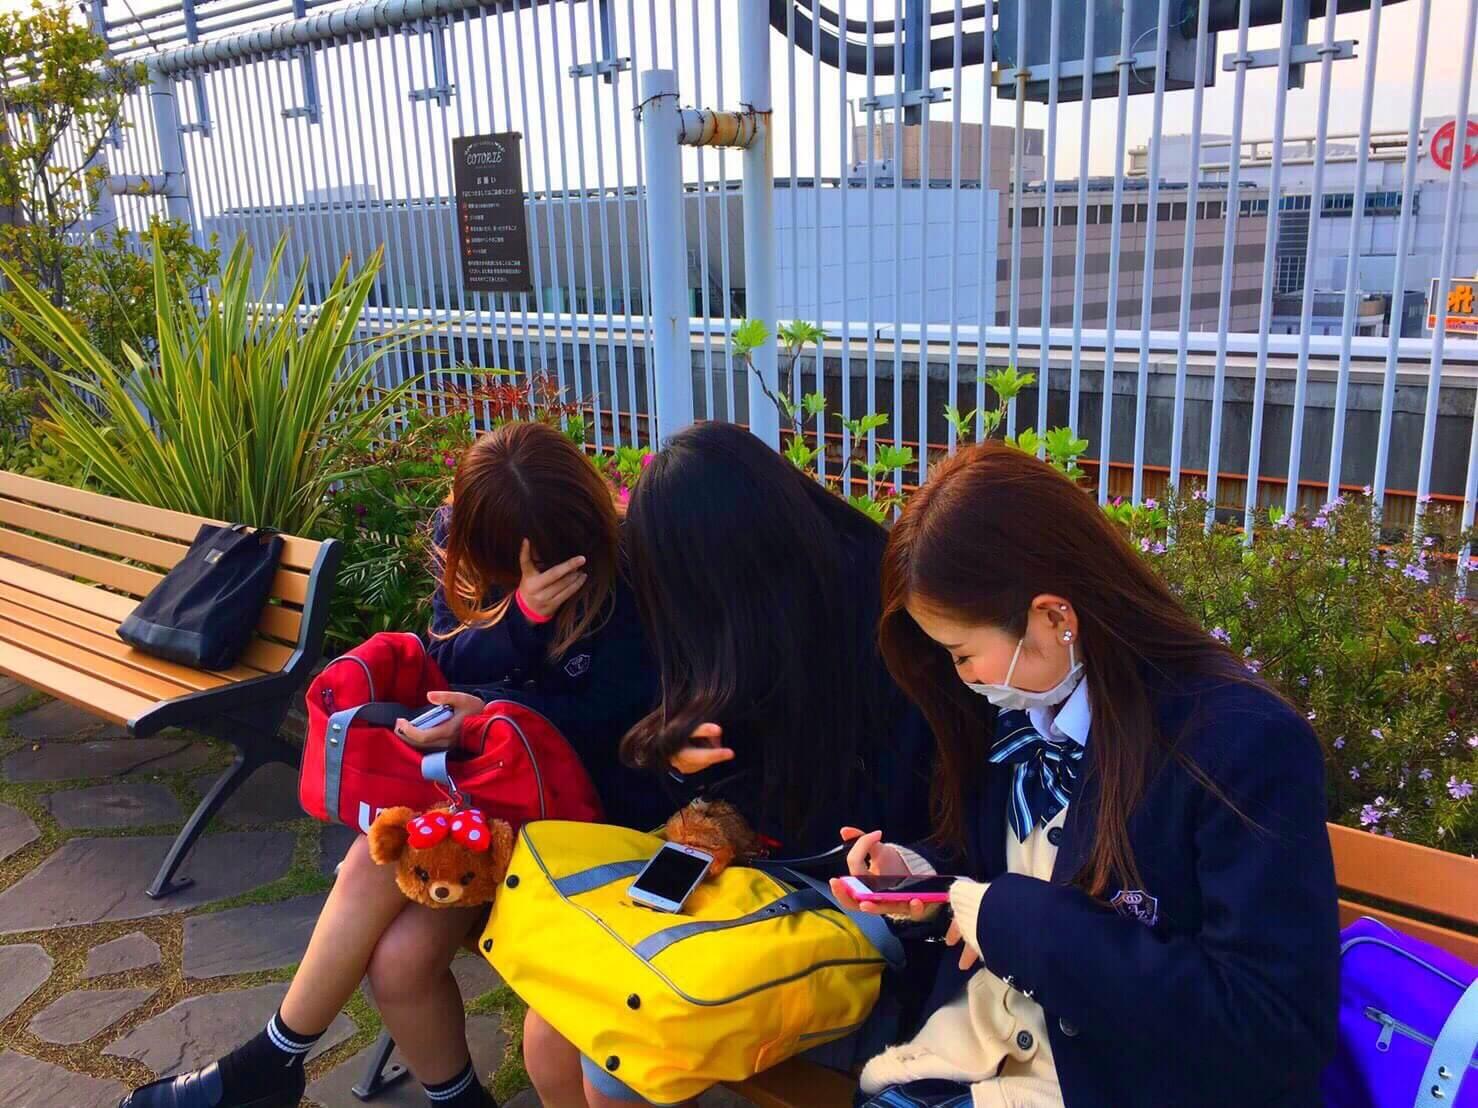 【画像】女子高生が学校で撮った青春写真